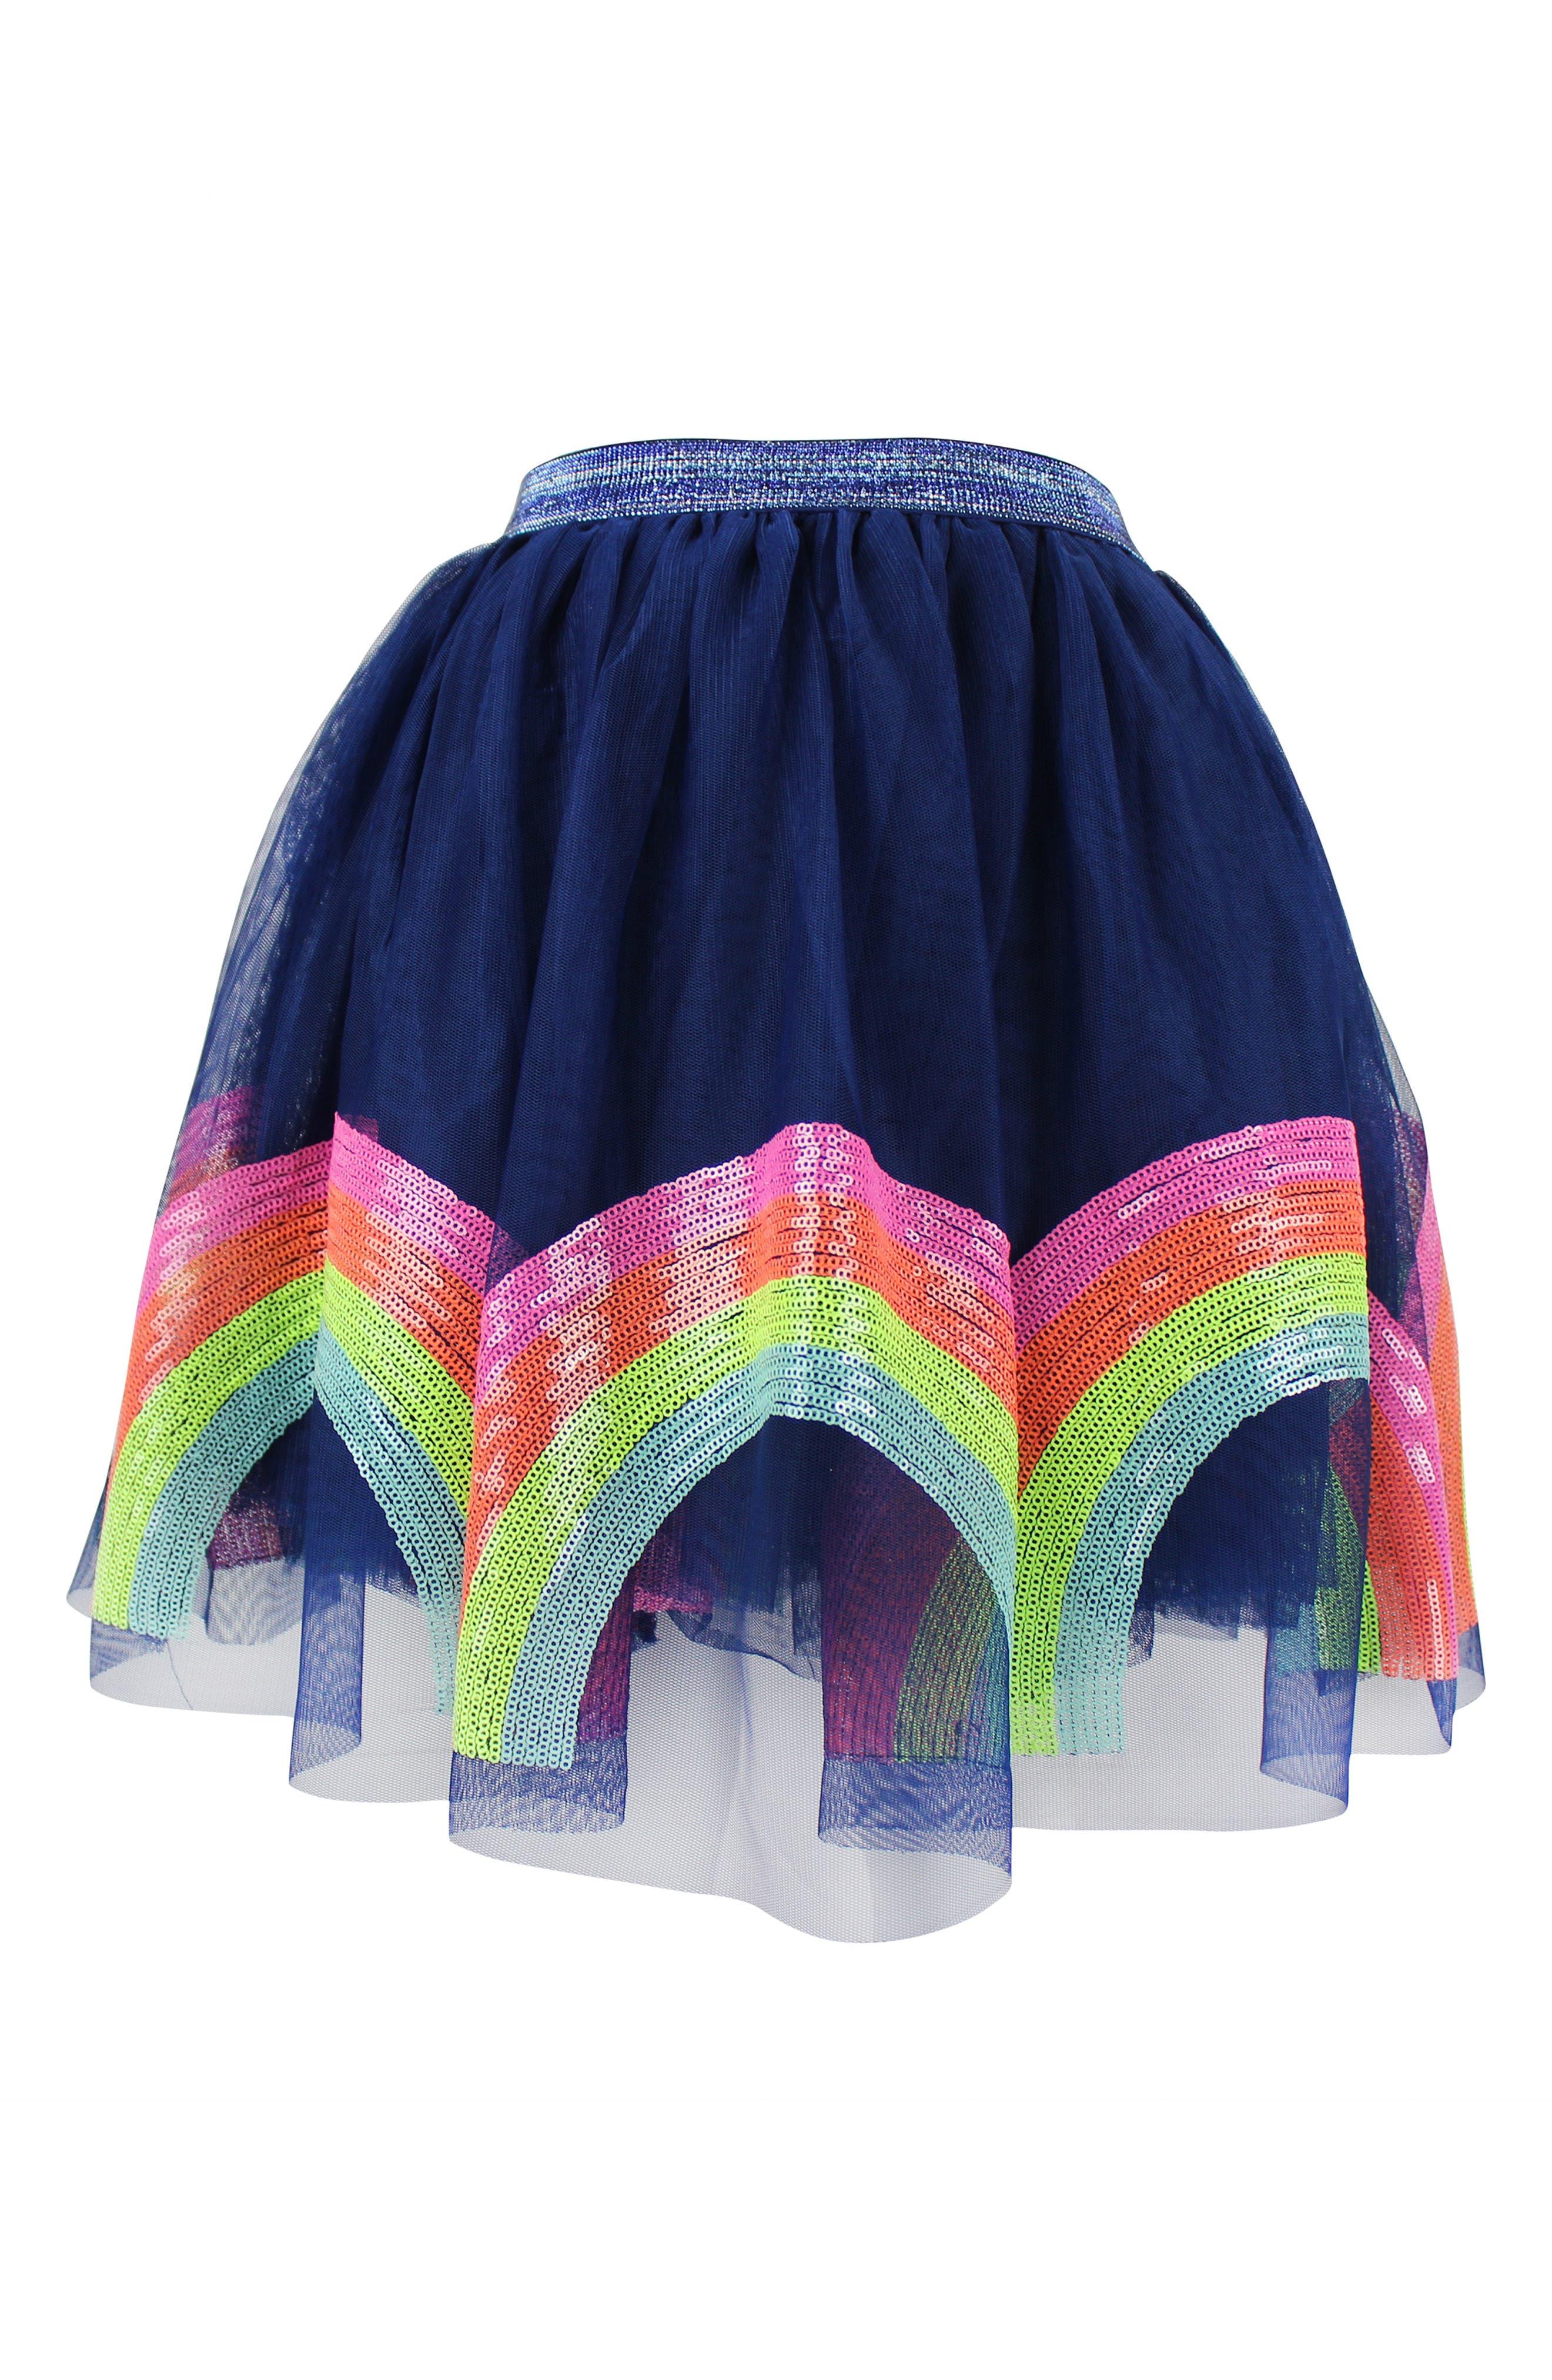 LOLA & THE BOYS, Rainbow Sequin Tutu Skirt, Main thumbnail 1, color, NAVY BLUE